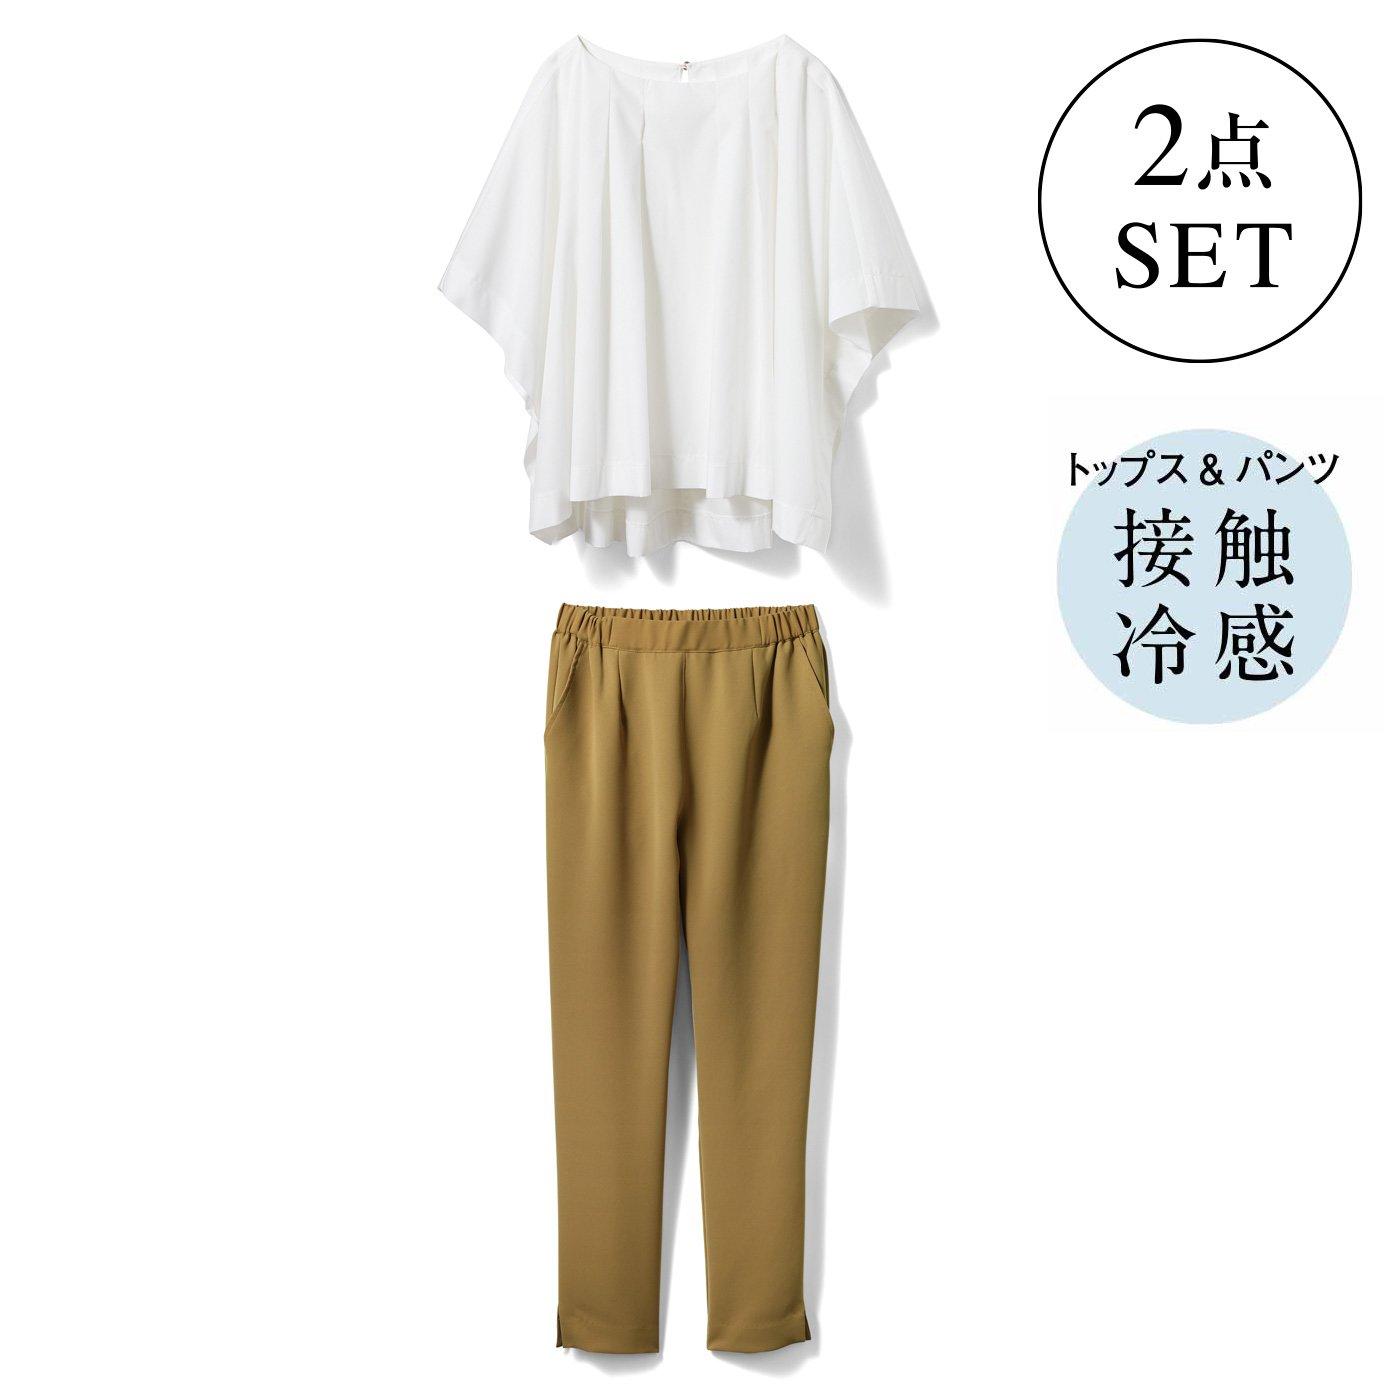 牧野紗弥さん×IEDIT[イディット] 女っぽさもカジュアルもかなえる パンツコーディネイトセット〈オフホワイト×ベージュ〉